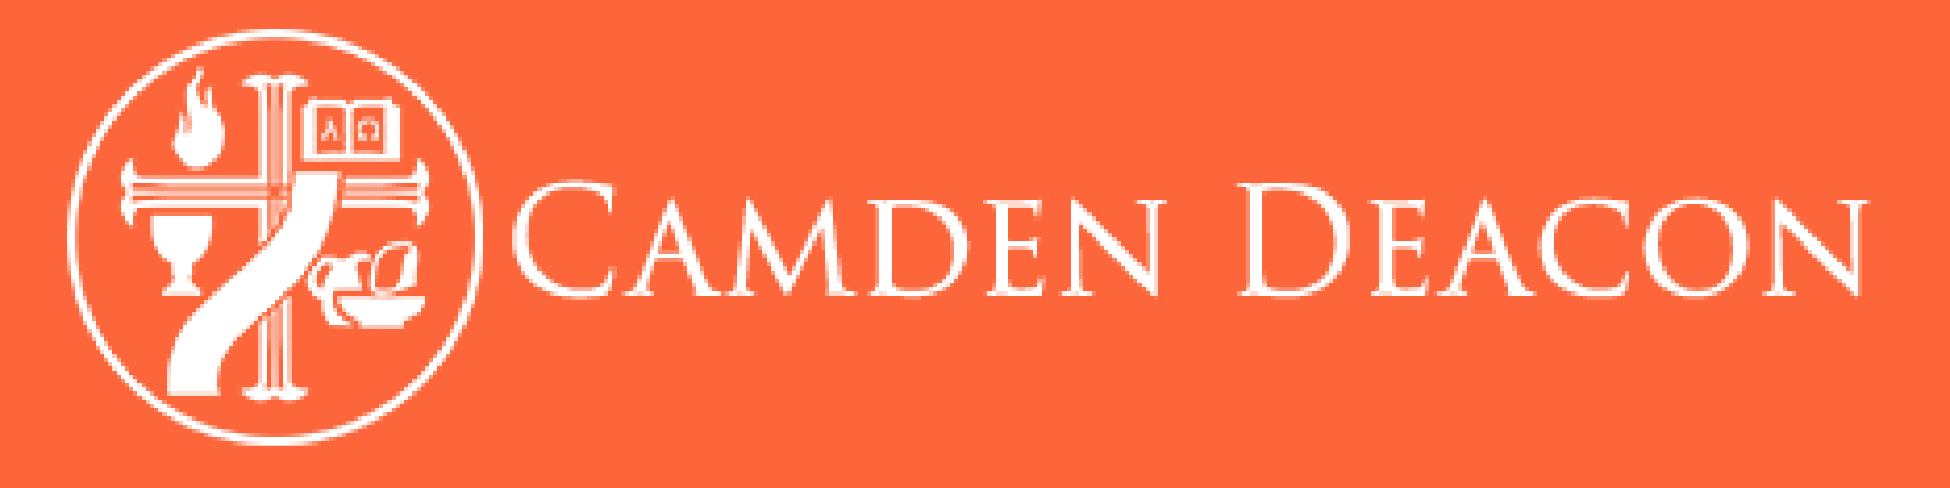 Camden Deacons